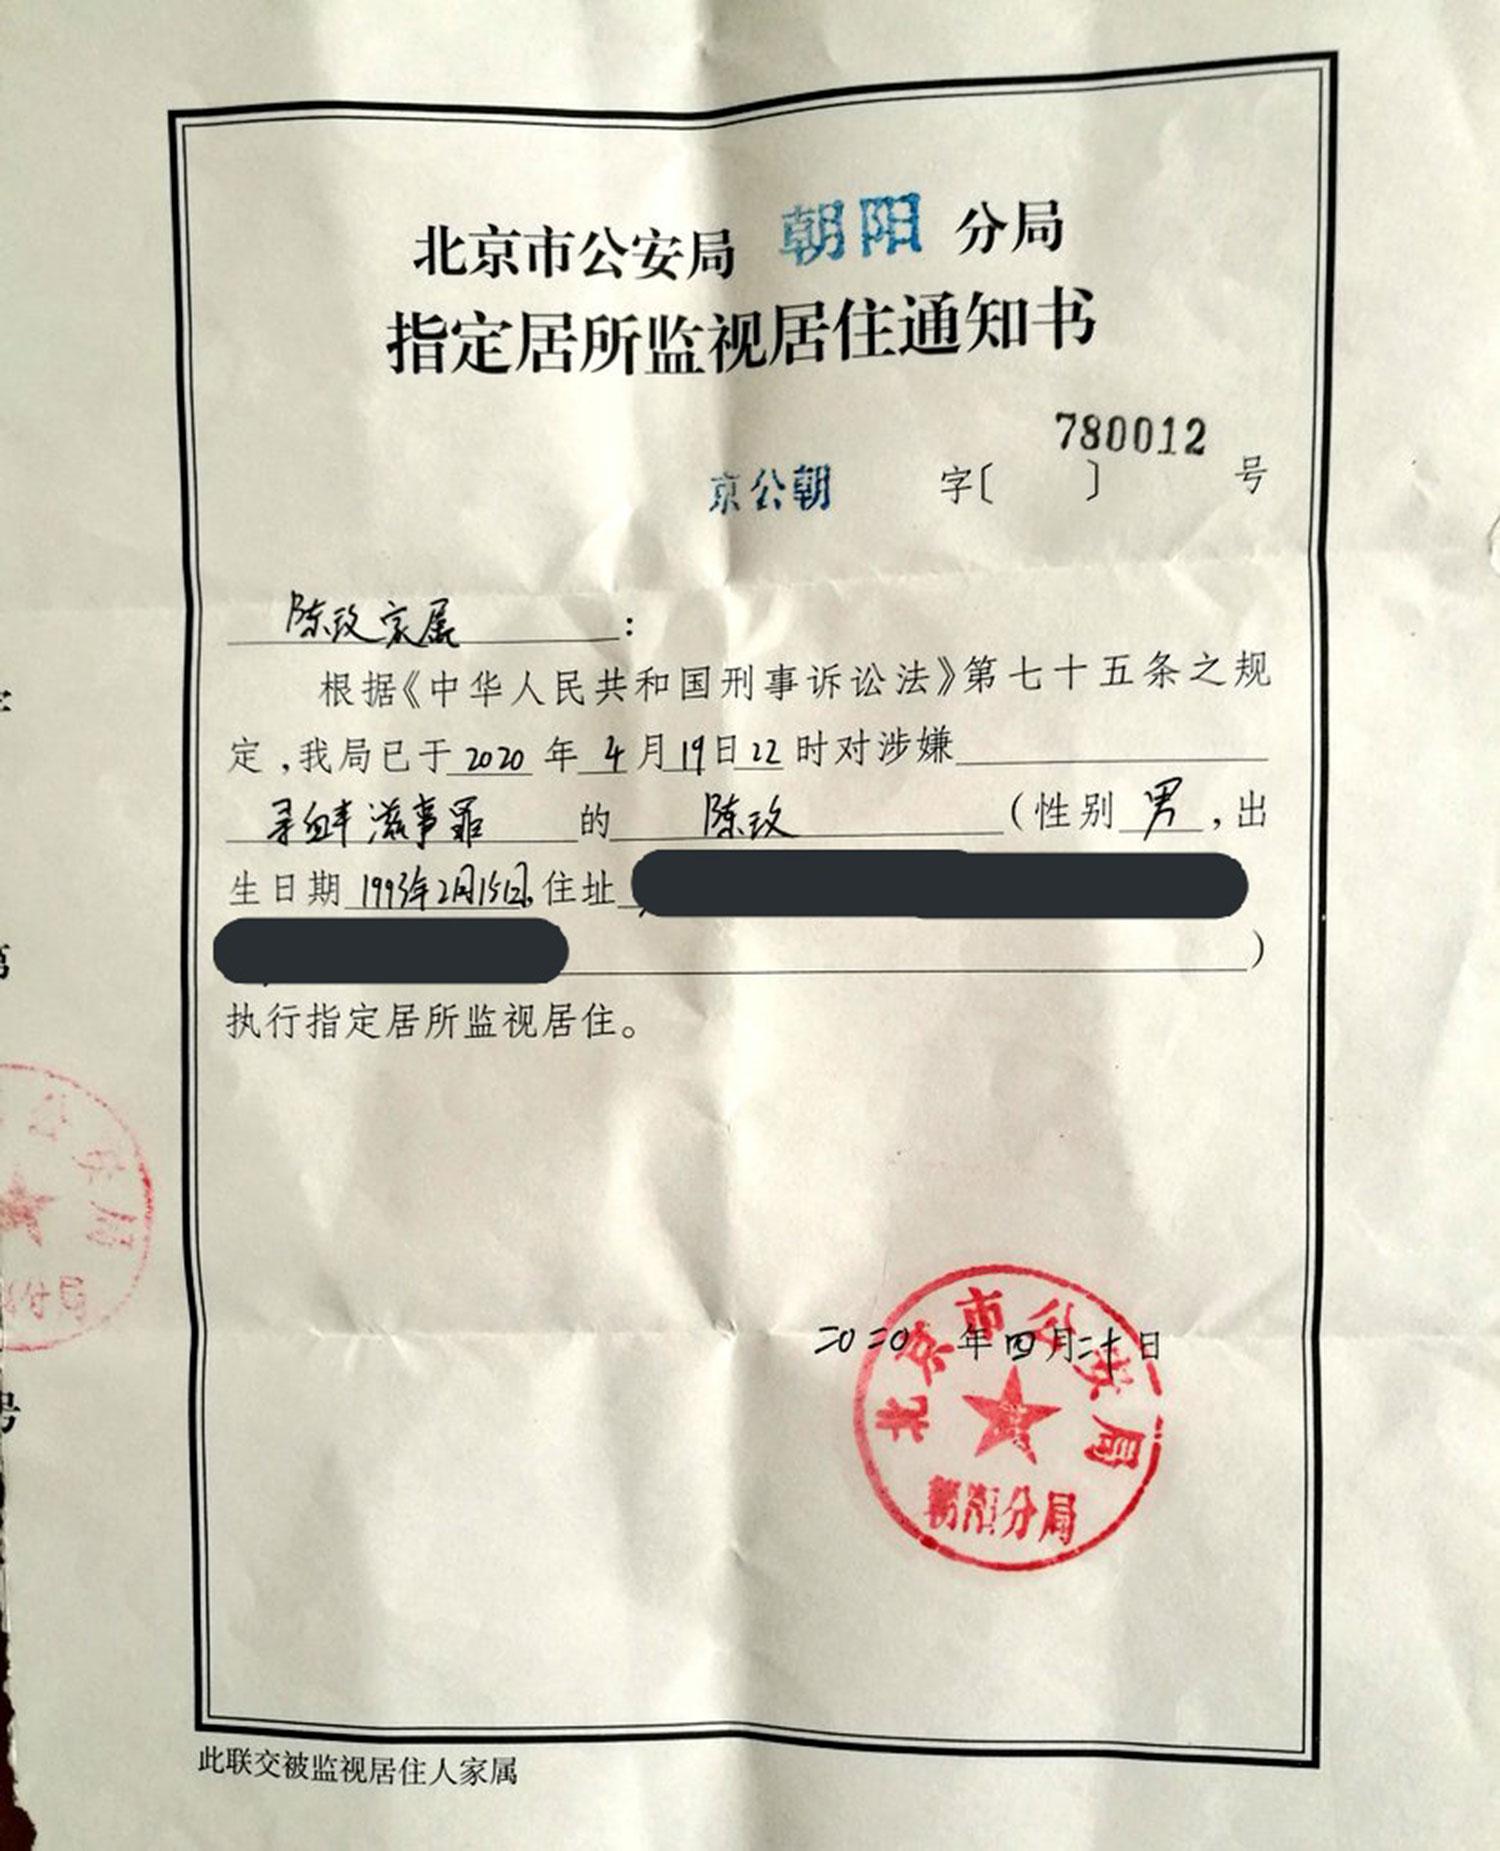 端點星的志願者陳玫因涉嫌尋釁滋事,過去接近兩個月一直被指定居所監視居住。(臉書圖片)